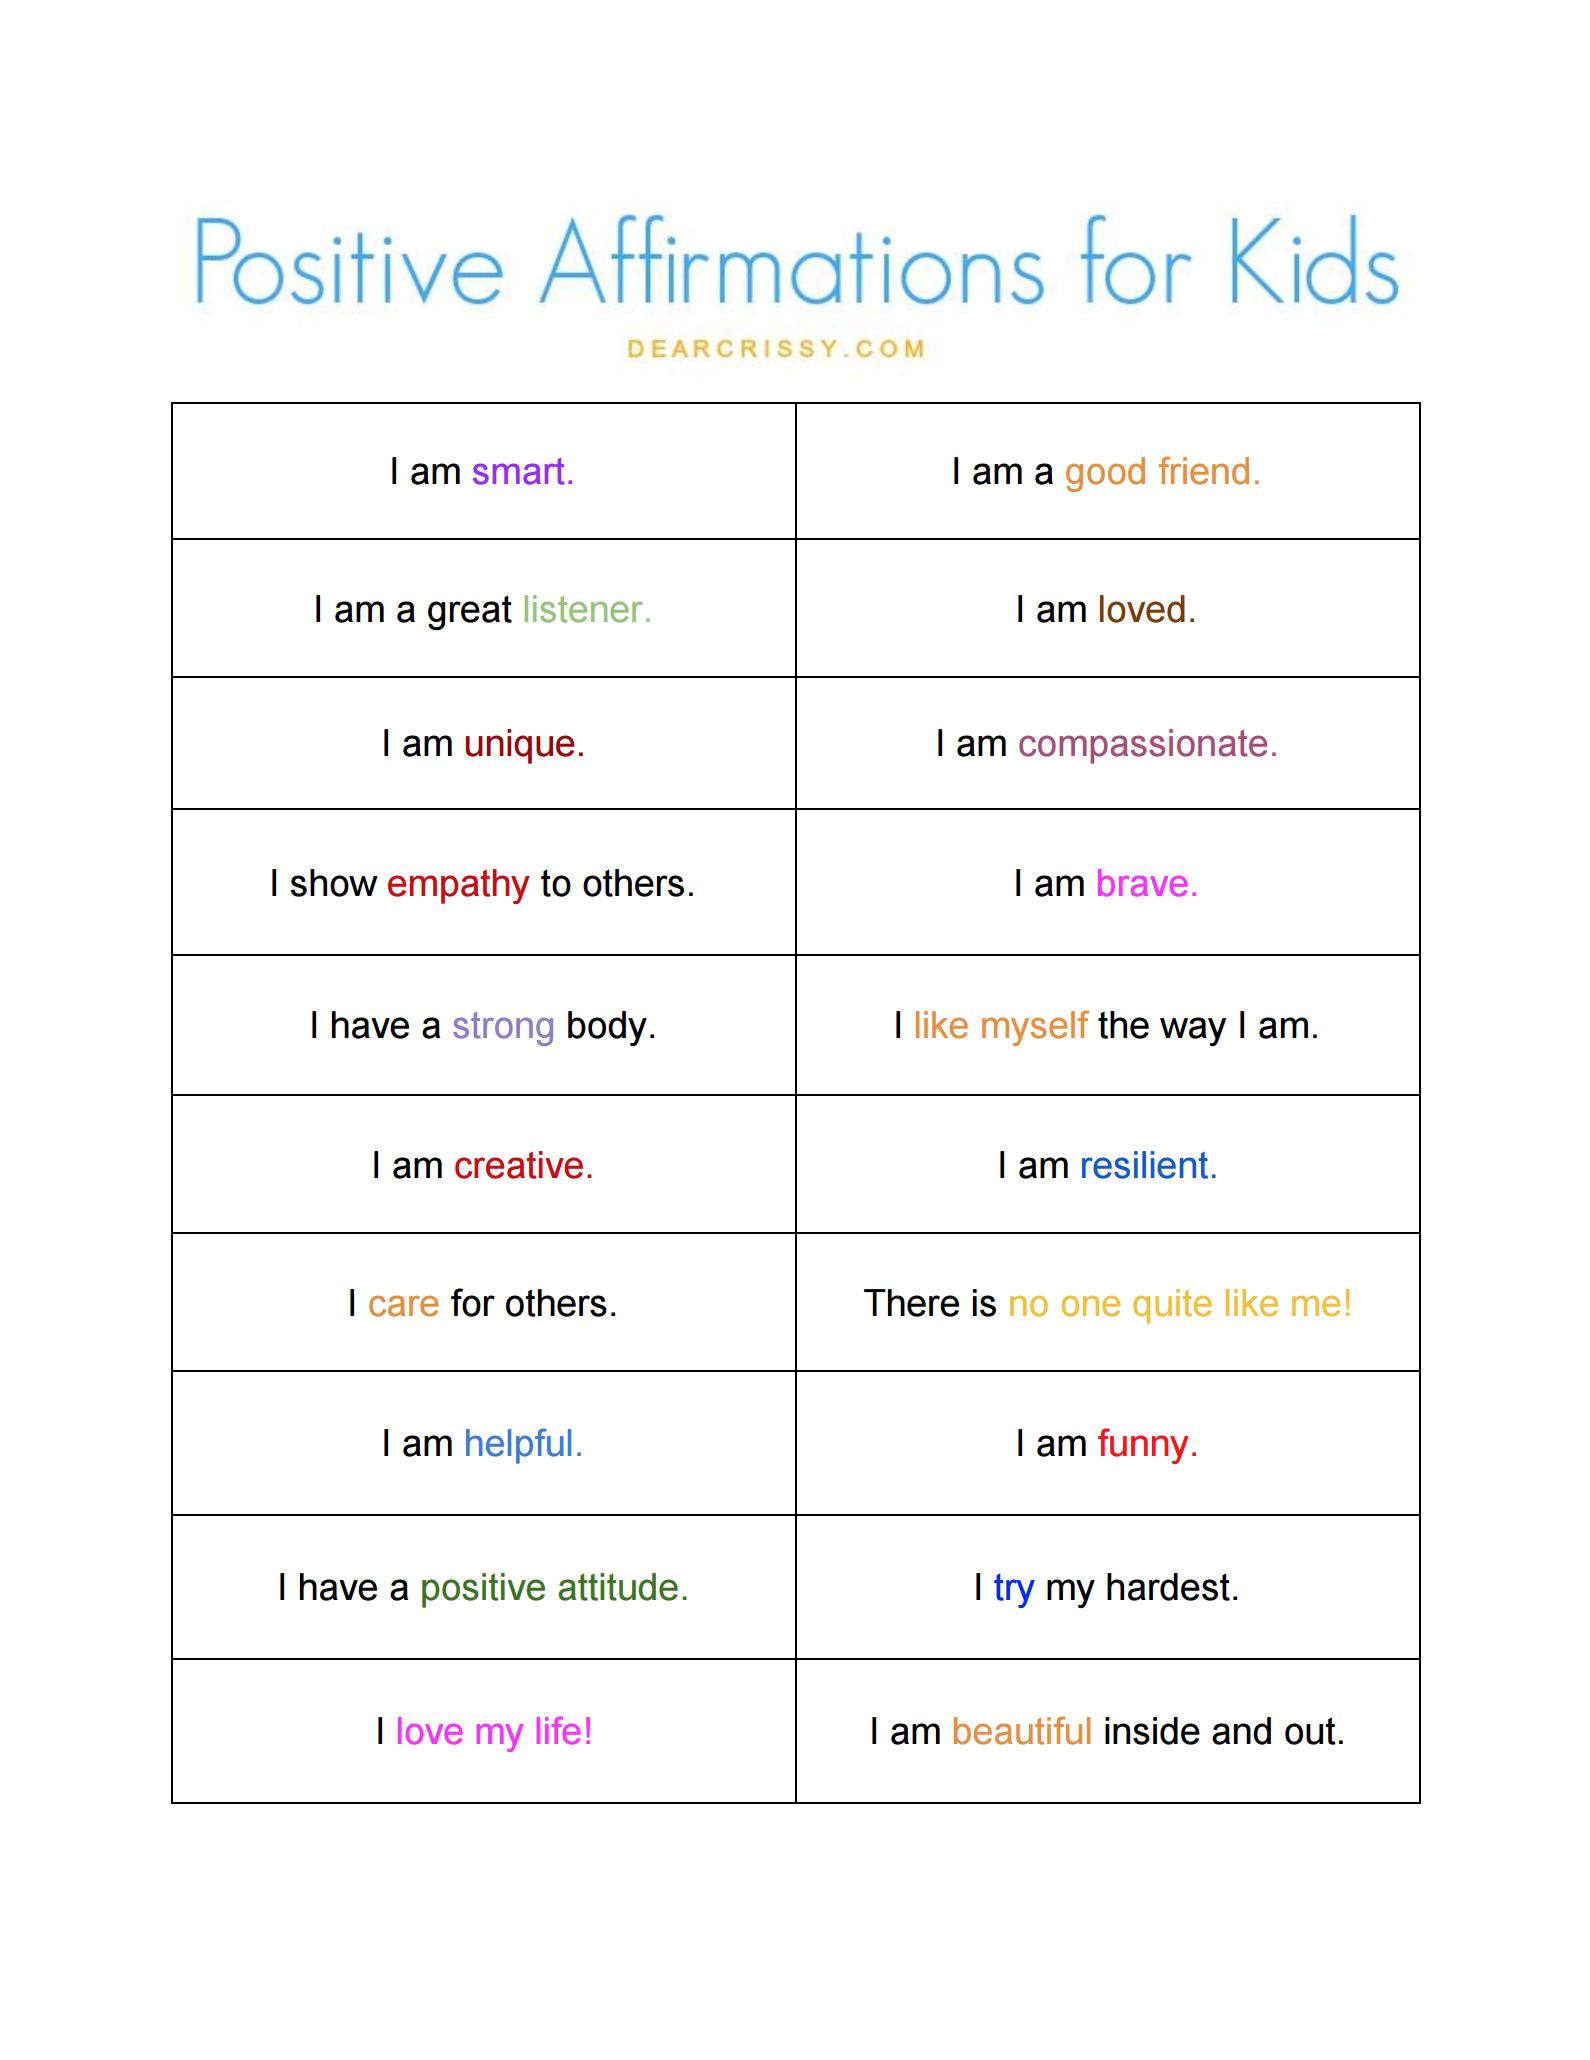 Positive Affirmations for Kids Free Printable | OGT Blogger